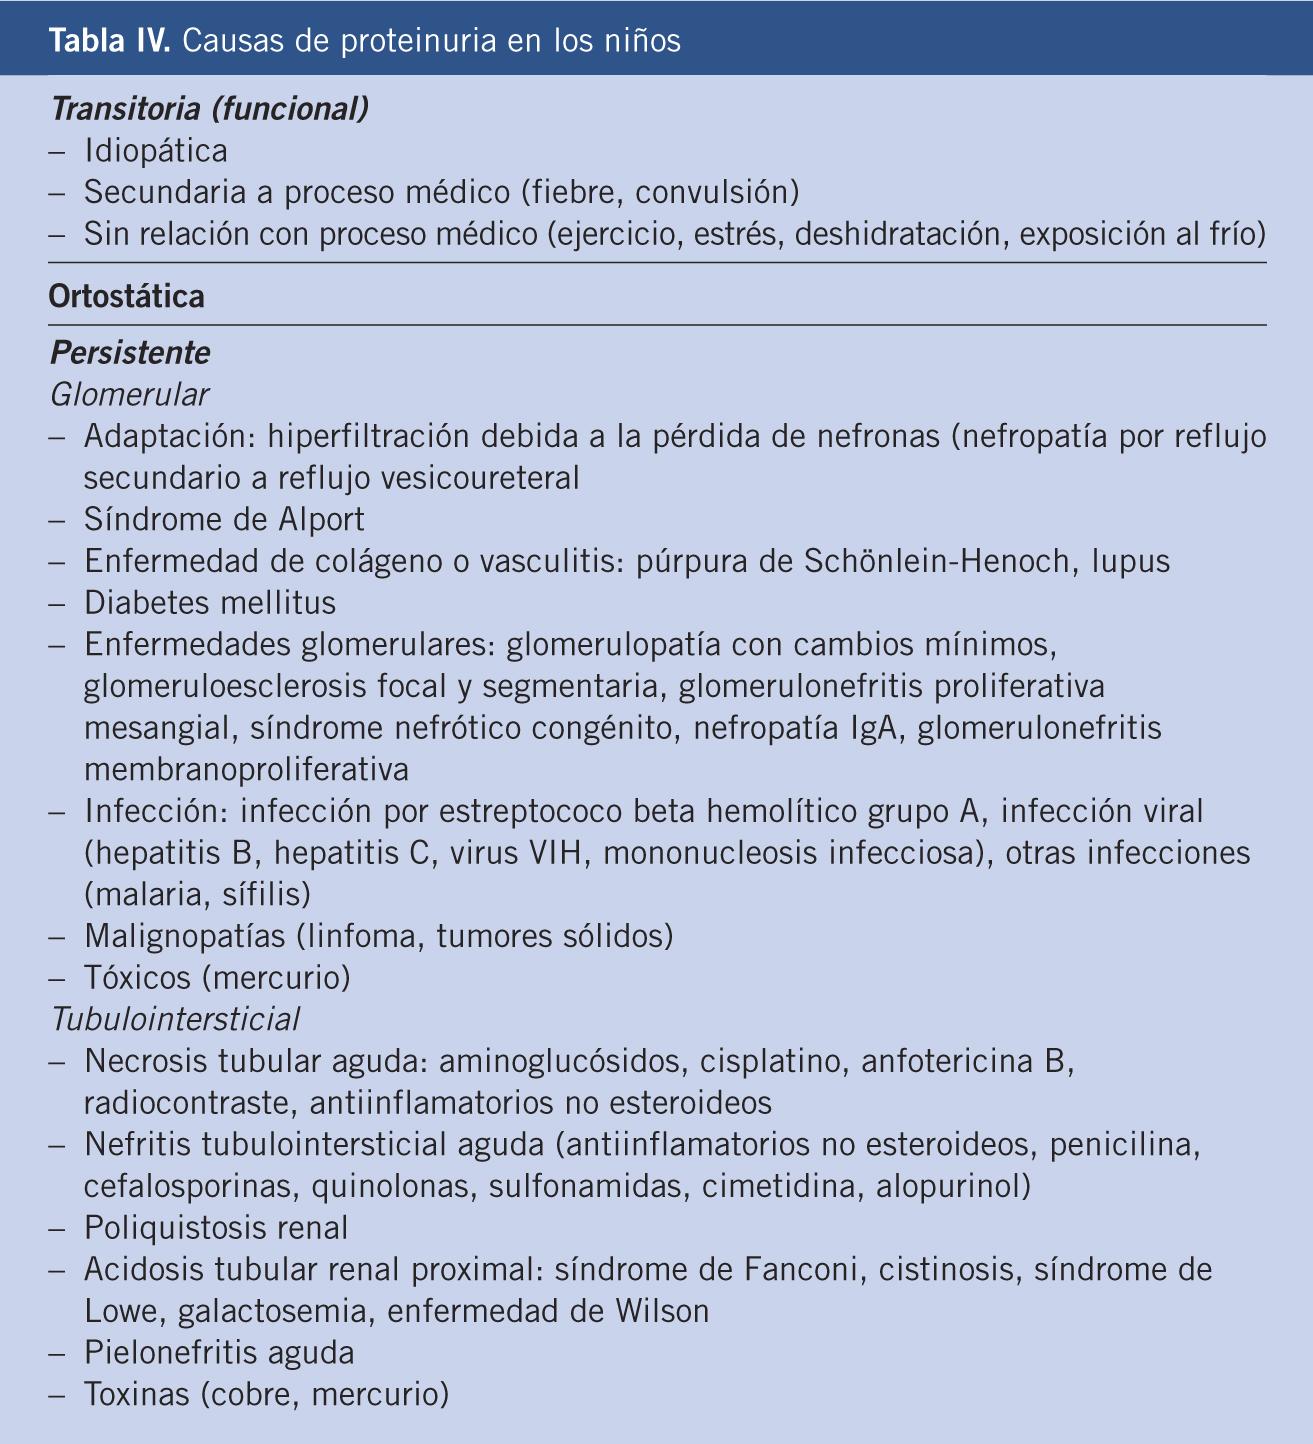 como bajar el acido urico remedios caseros calculos renales acido urico+tratamiento es buena la cola de caballo para el acido urico